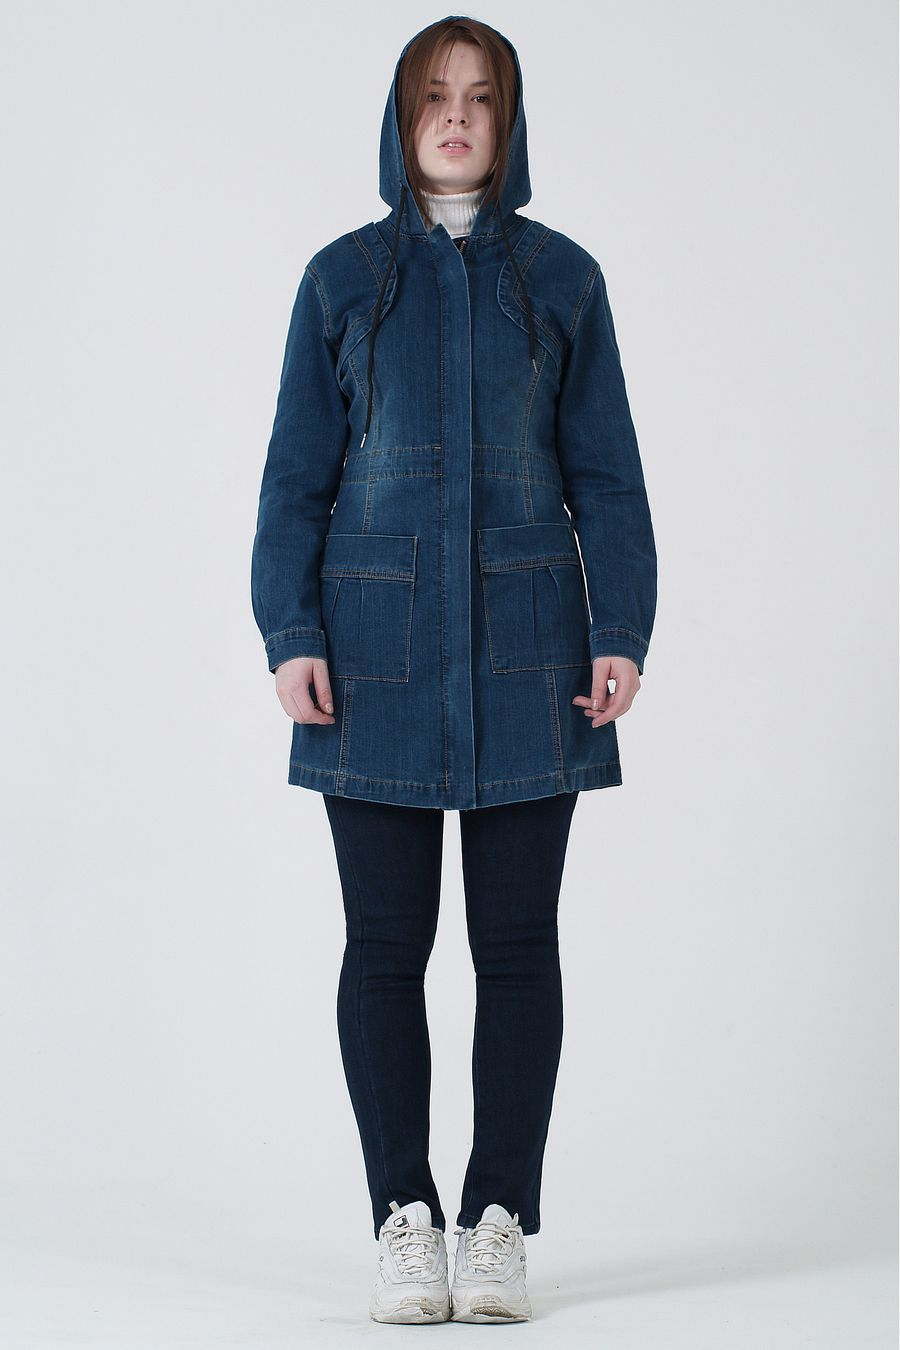 Пиджак женский (джинсовка) K.Y Jeans 901 - фото 2